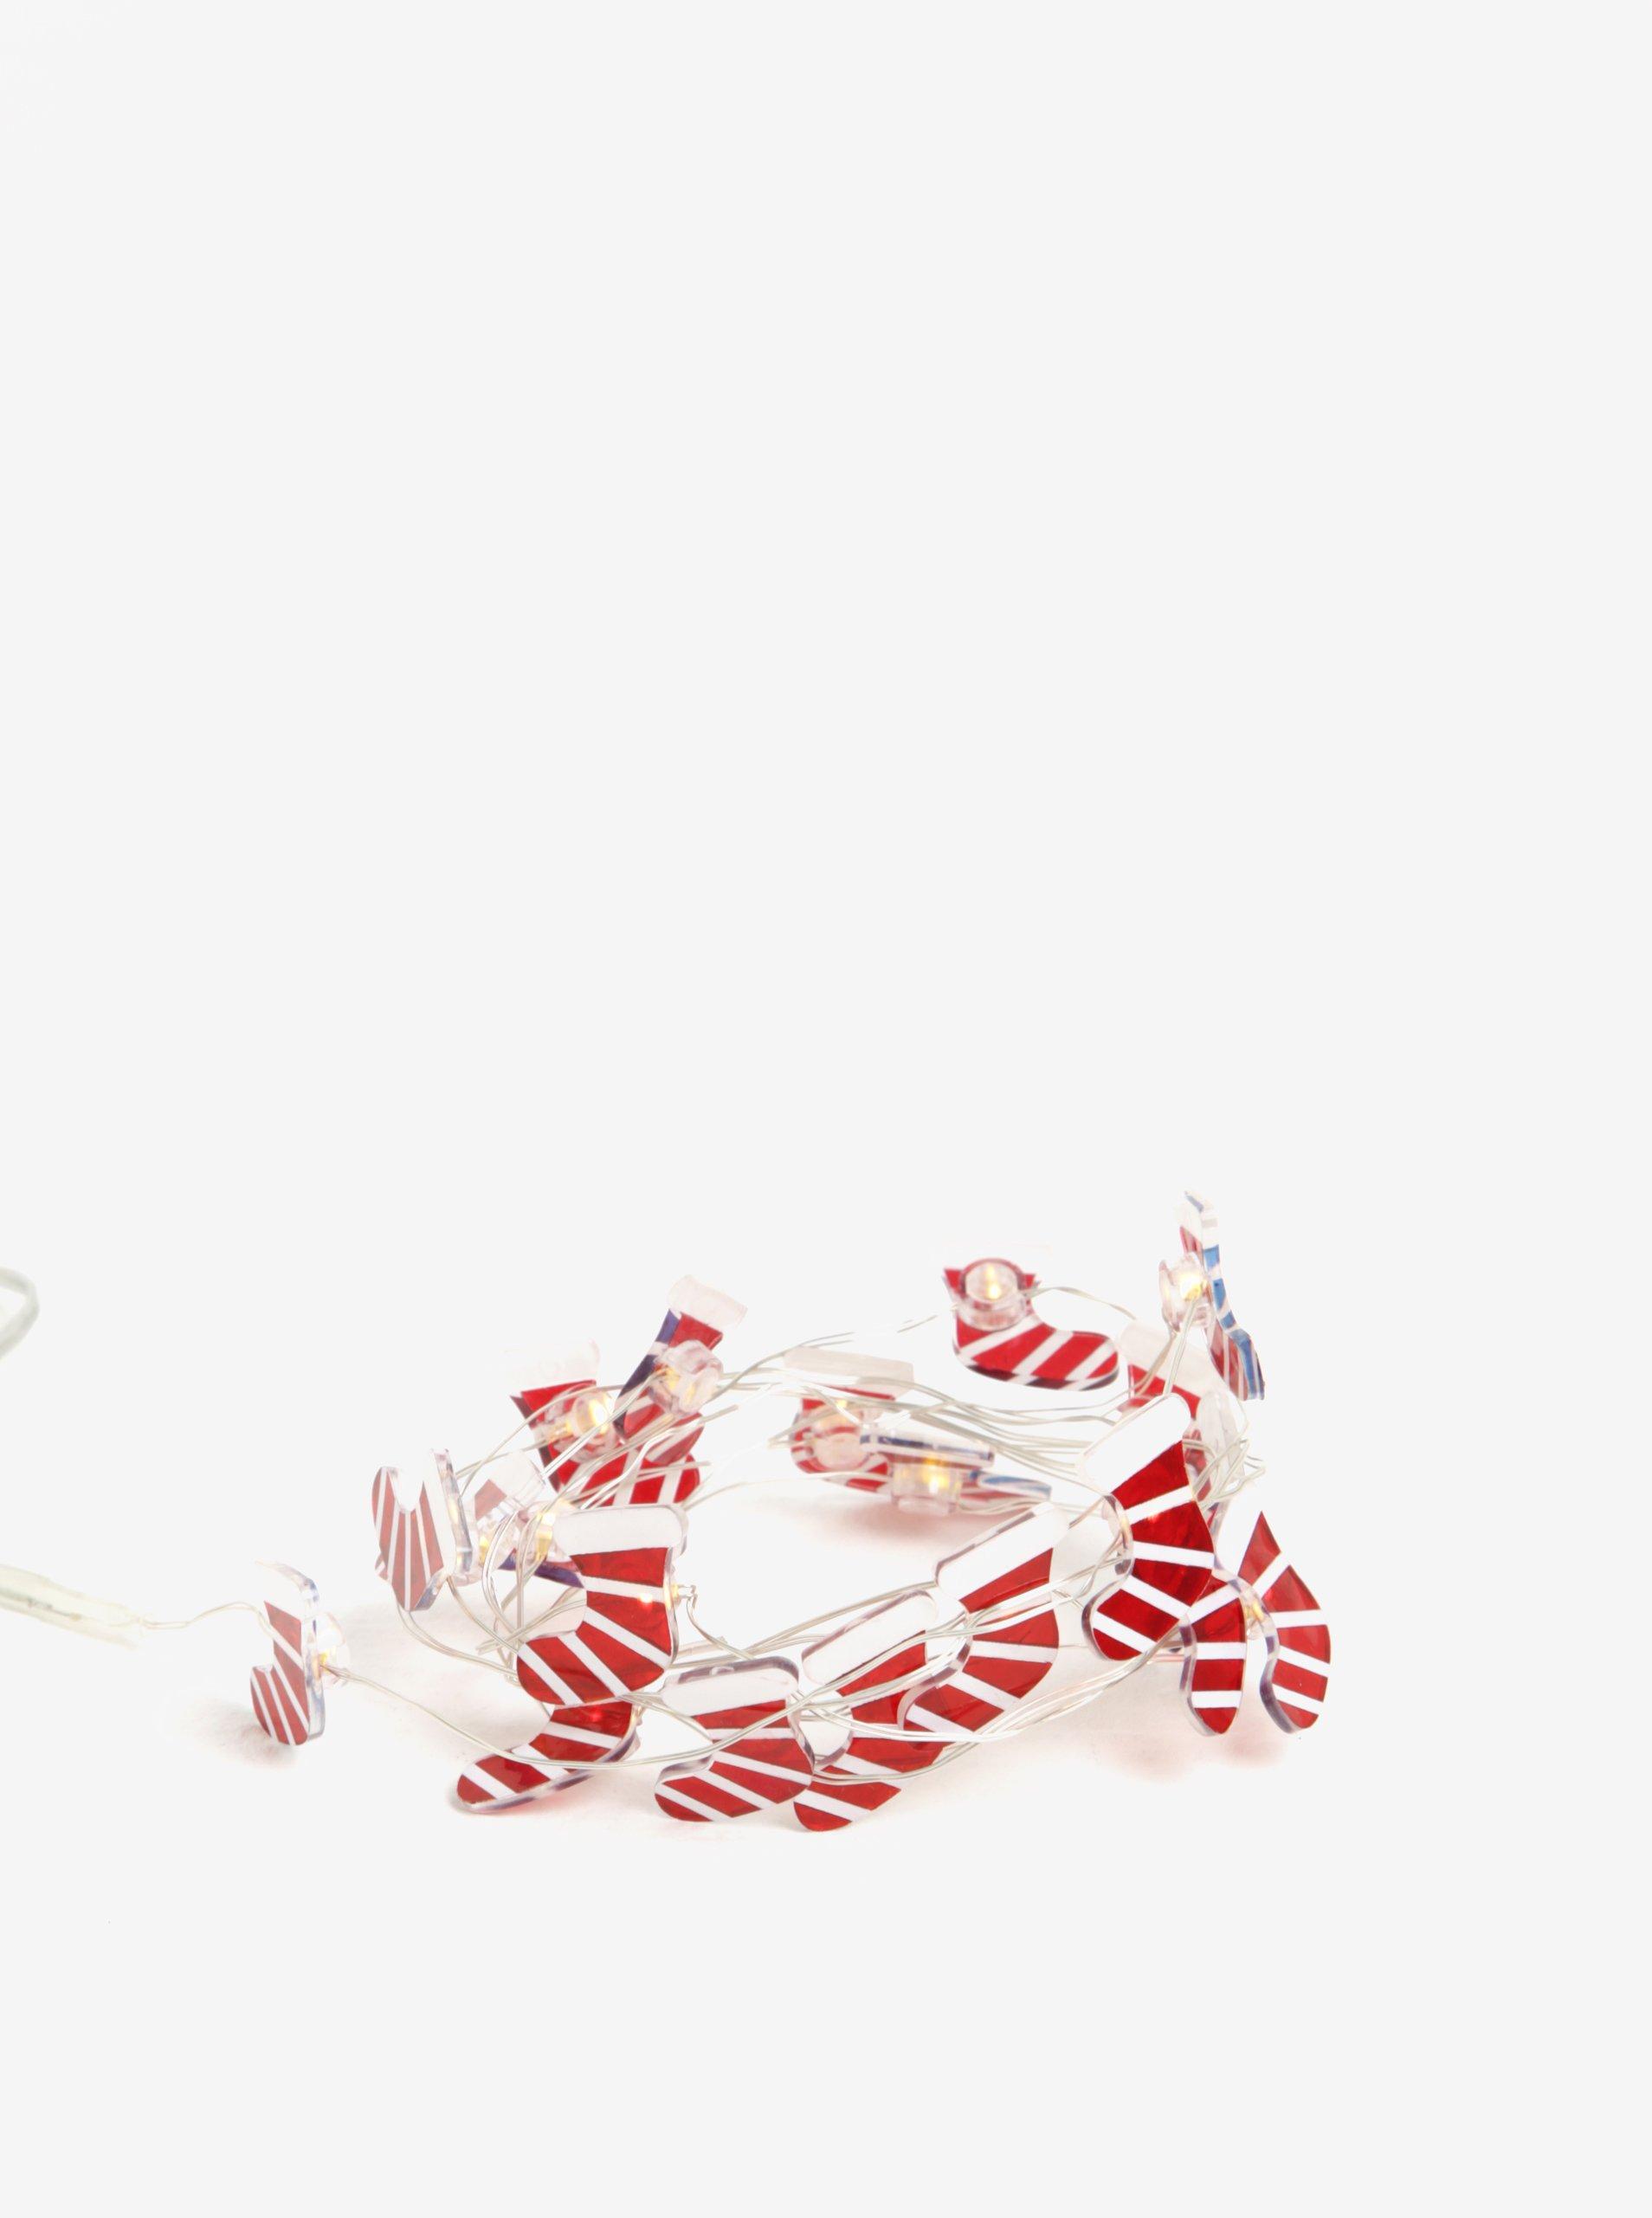 Bílo-červený LED svítící řetěz s motivem punčoch Kaemingk